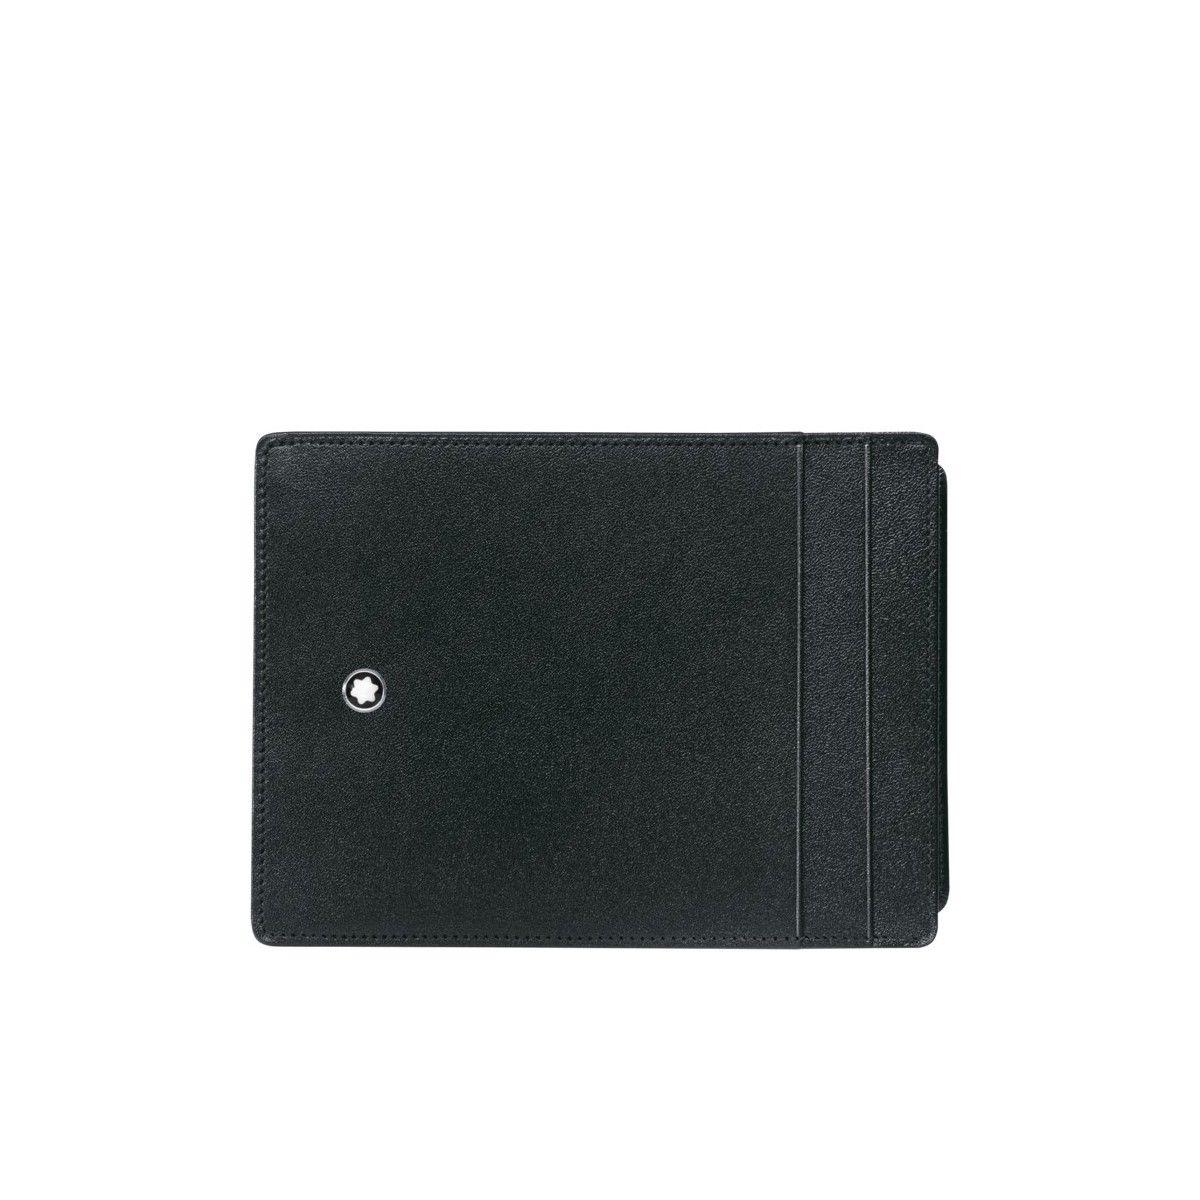 Portafogli tascabile 4 scomparti Meisterstück con portadocumento